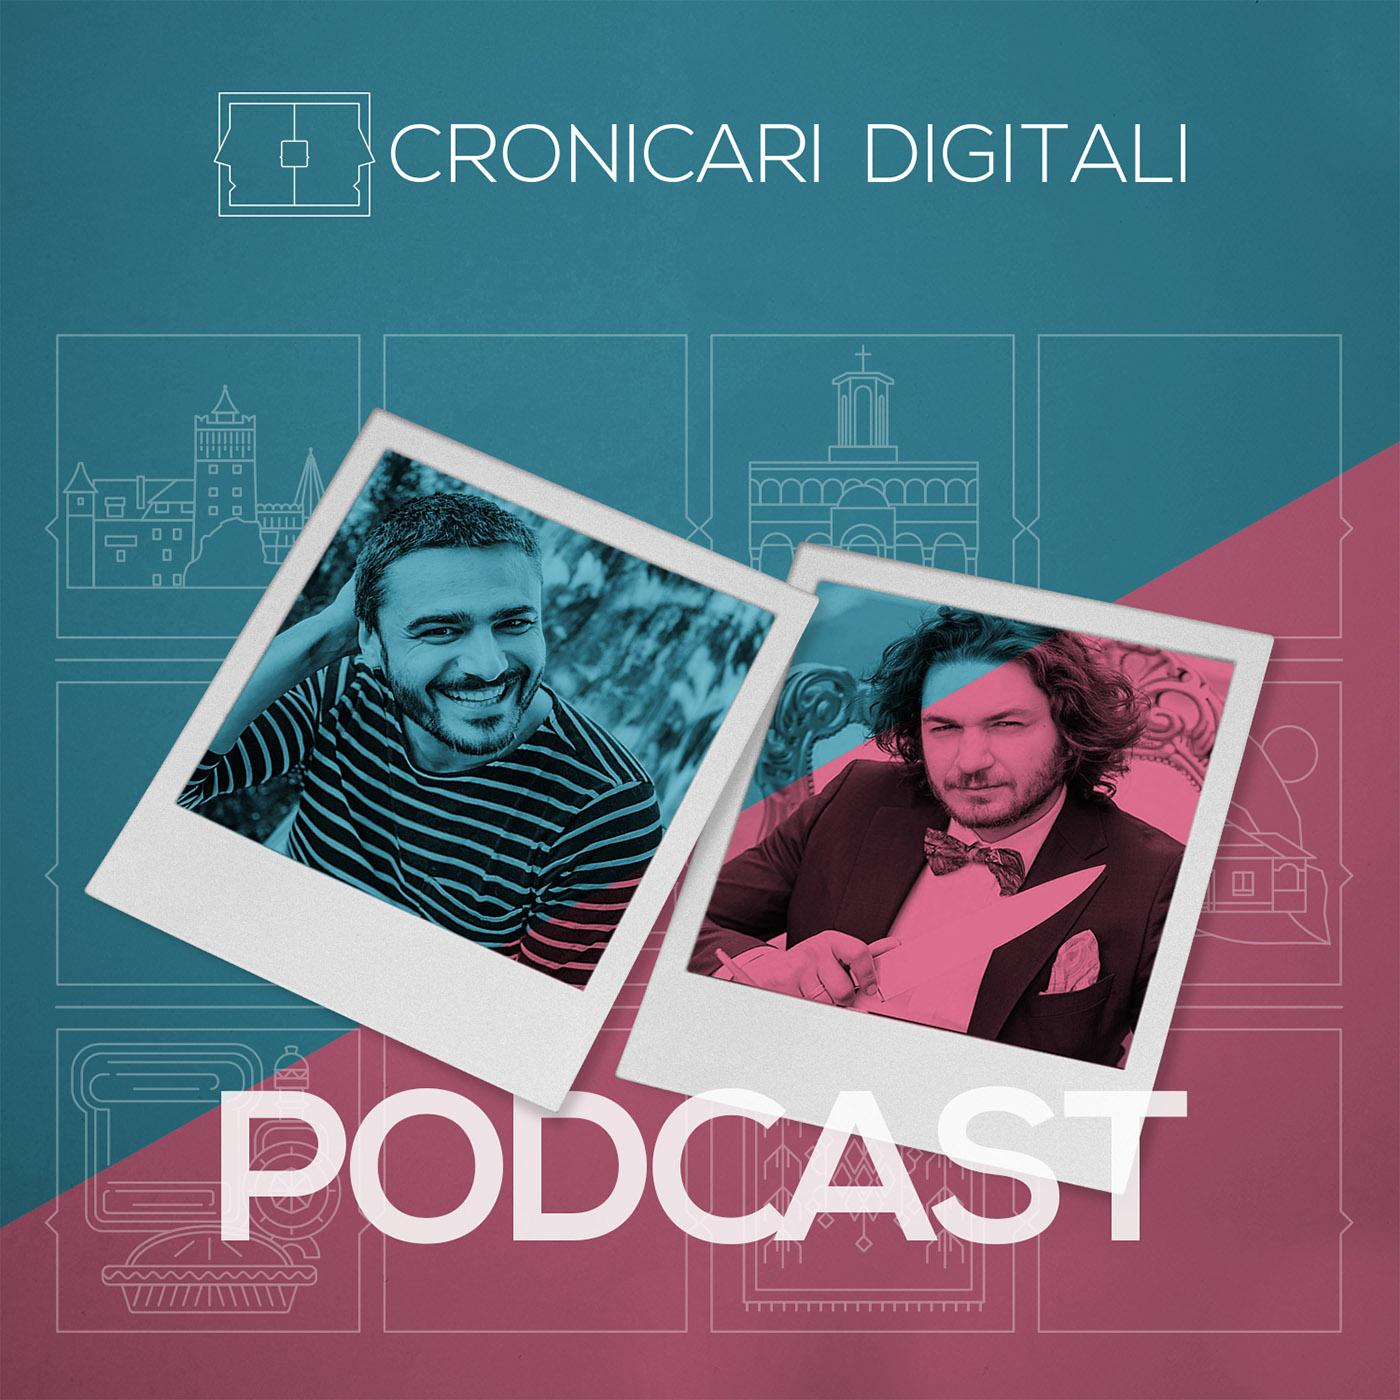 #cronicaridigitali S1 episod 5, Invitați Chef Florin Dumitrescu & Adrian Dan, moderator Cristian Șimonca, aka Blogu lu' Otravă